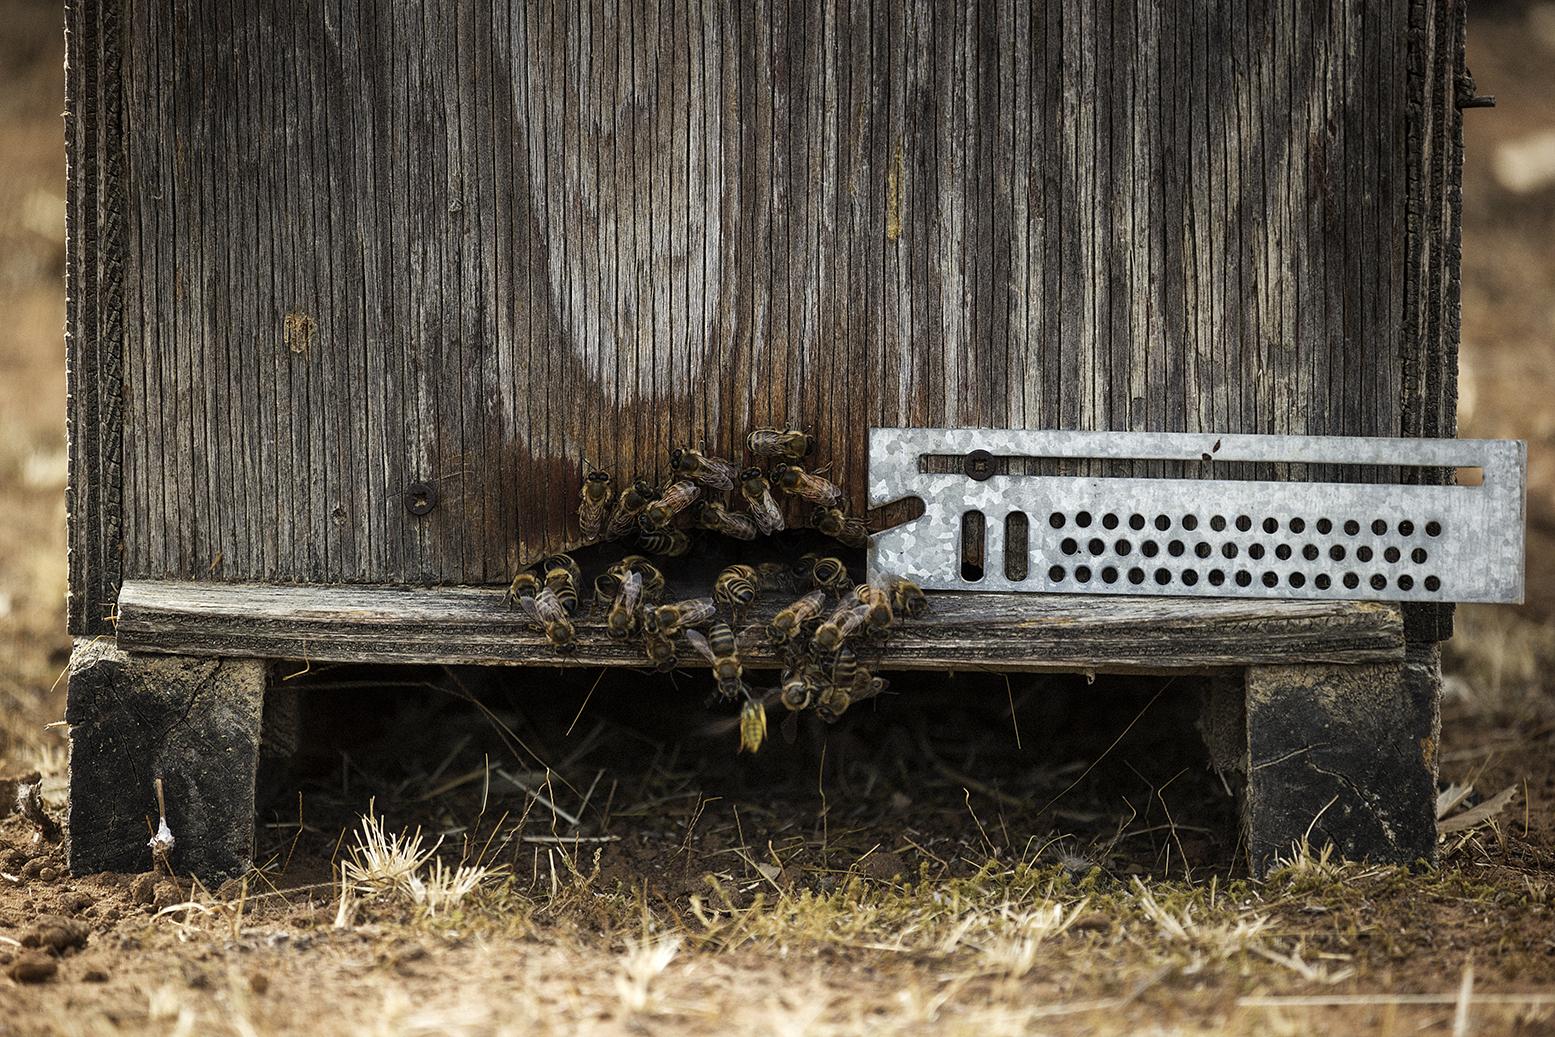 Niscemi (CL), Agosto 2017. Il disorientamento degli insetti sociali e impollinatori, api in particolare, provocato dal campo elettromagnetico del MUOS, può portare conseguenze a catena su tutto l'ecosistema presente, con danni alla flora spontanea e all'agricoltura locale. © Chiara Faggionato